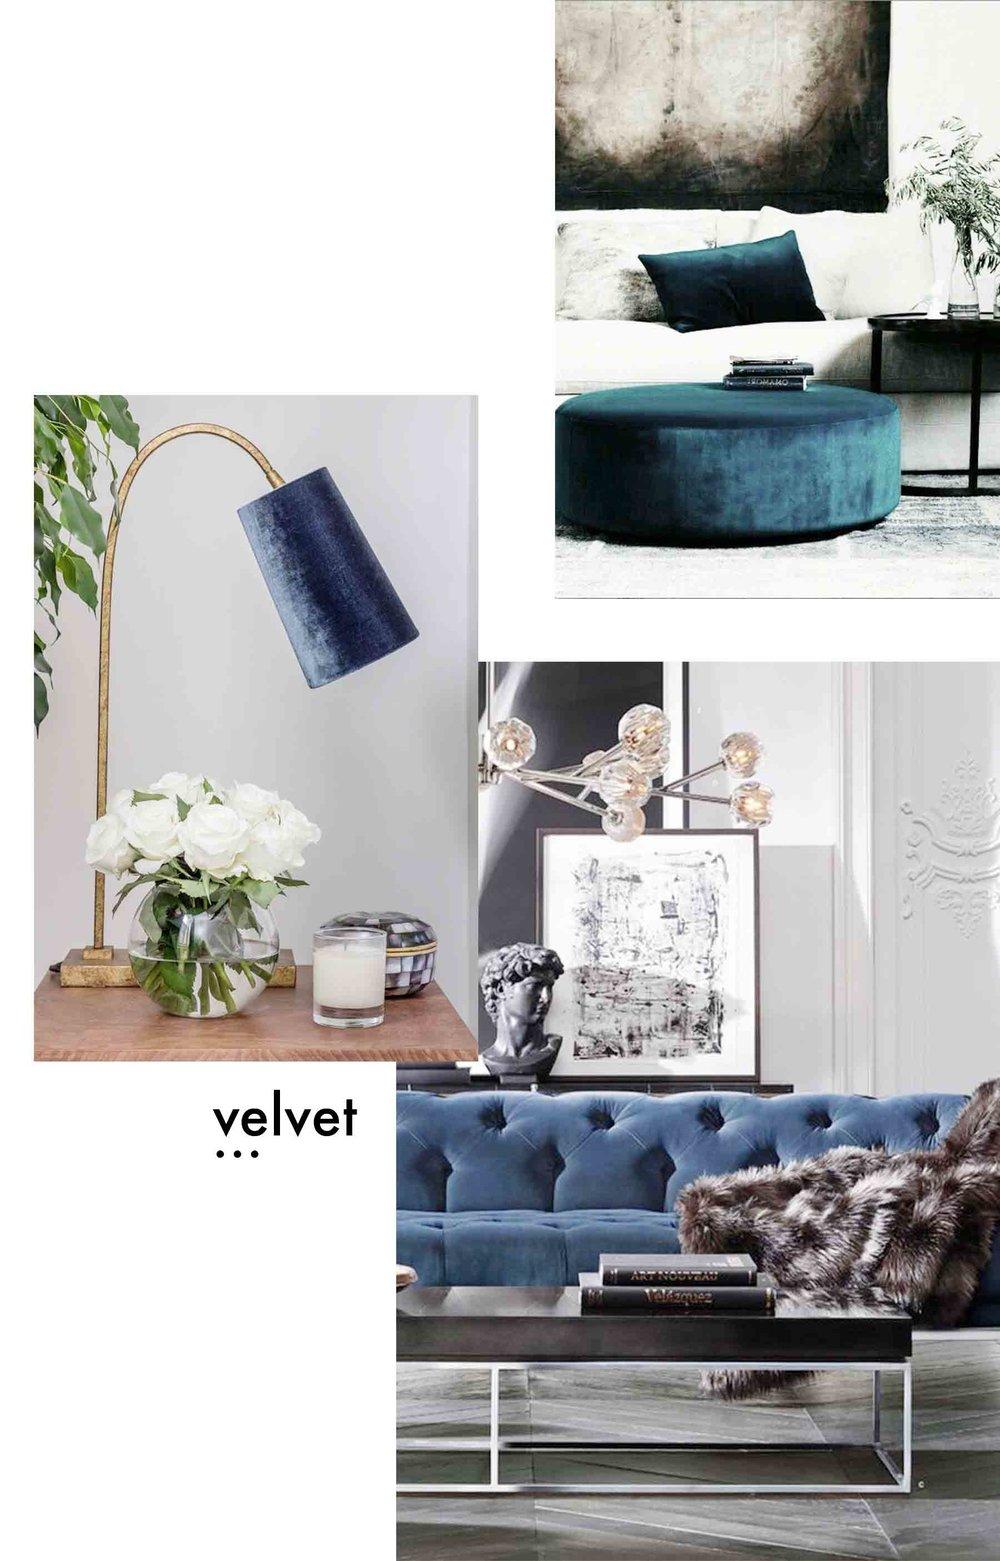 inCollective Interior Designer Sydney